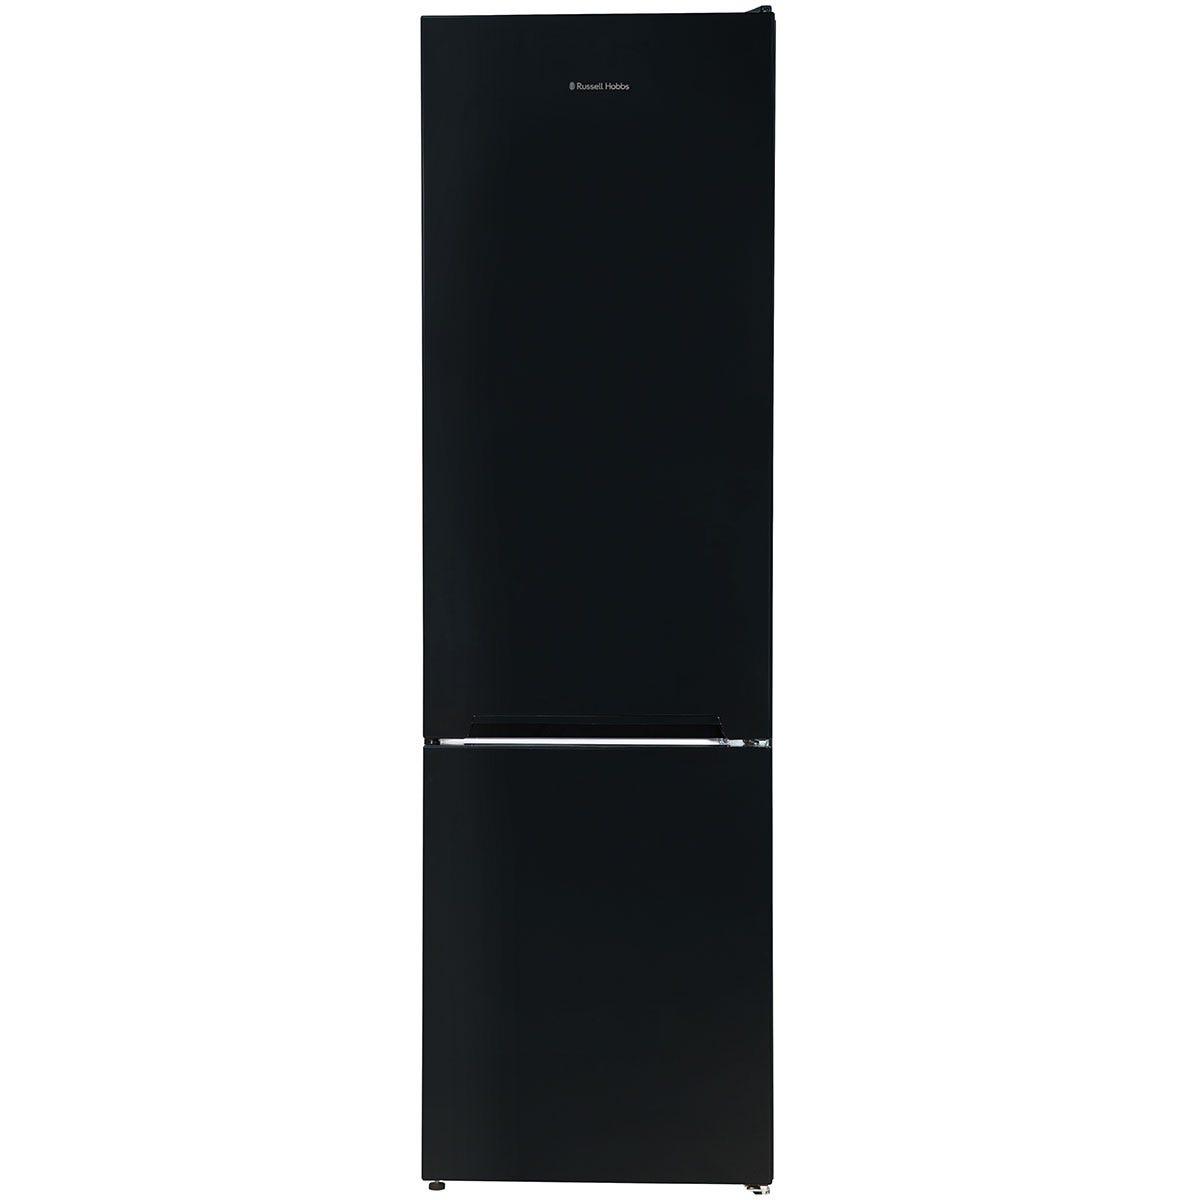 Russell Hobbs RH180FFFF55B 279L 70/30 Frost Free Fridge Freezer - Black